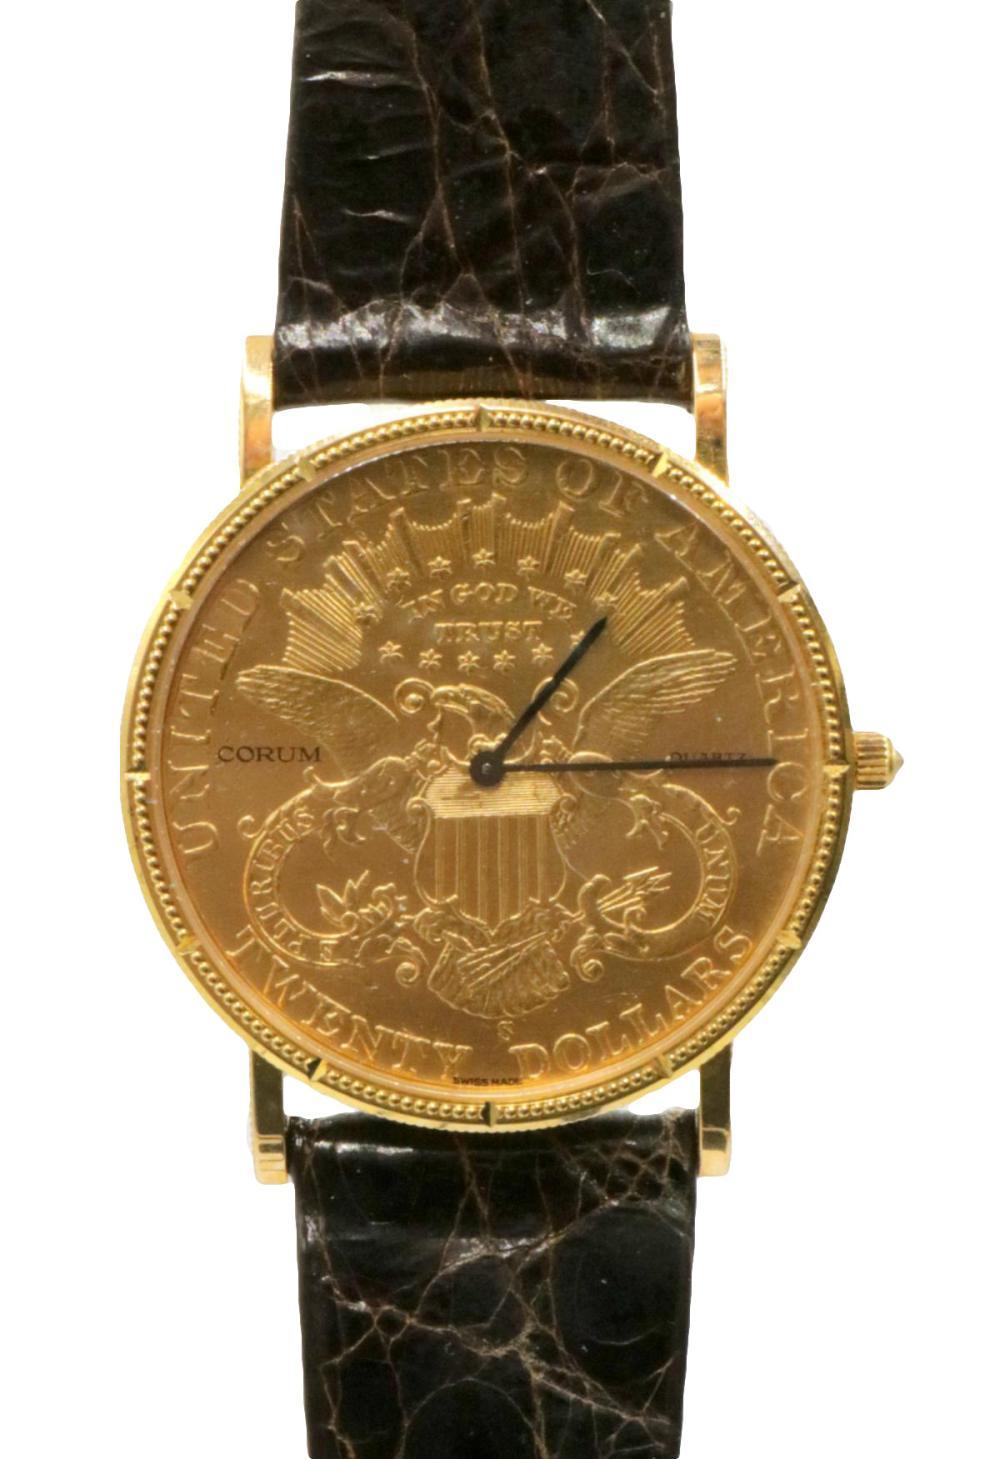 Corum 22Kt & 18Kt Coin & Crocodile Strap Watch